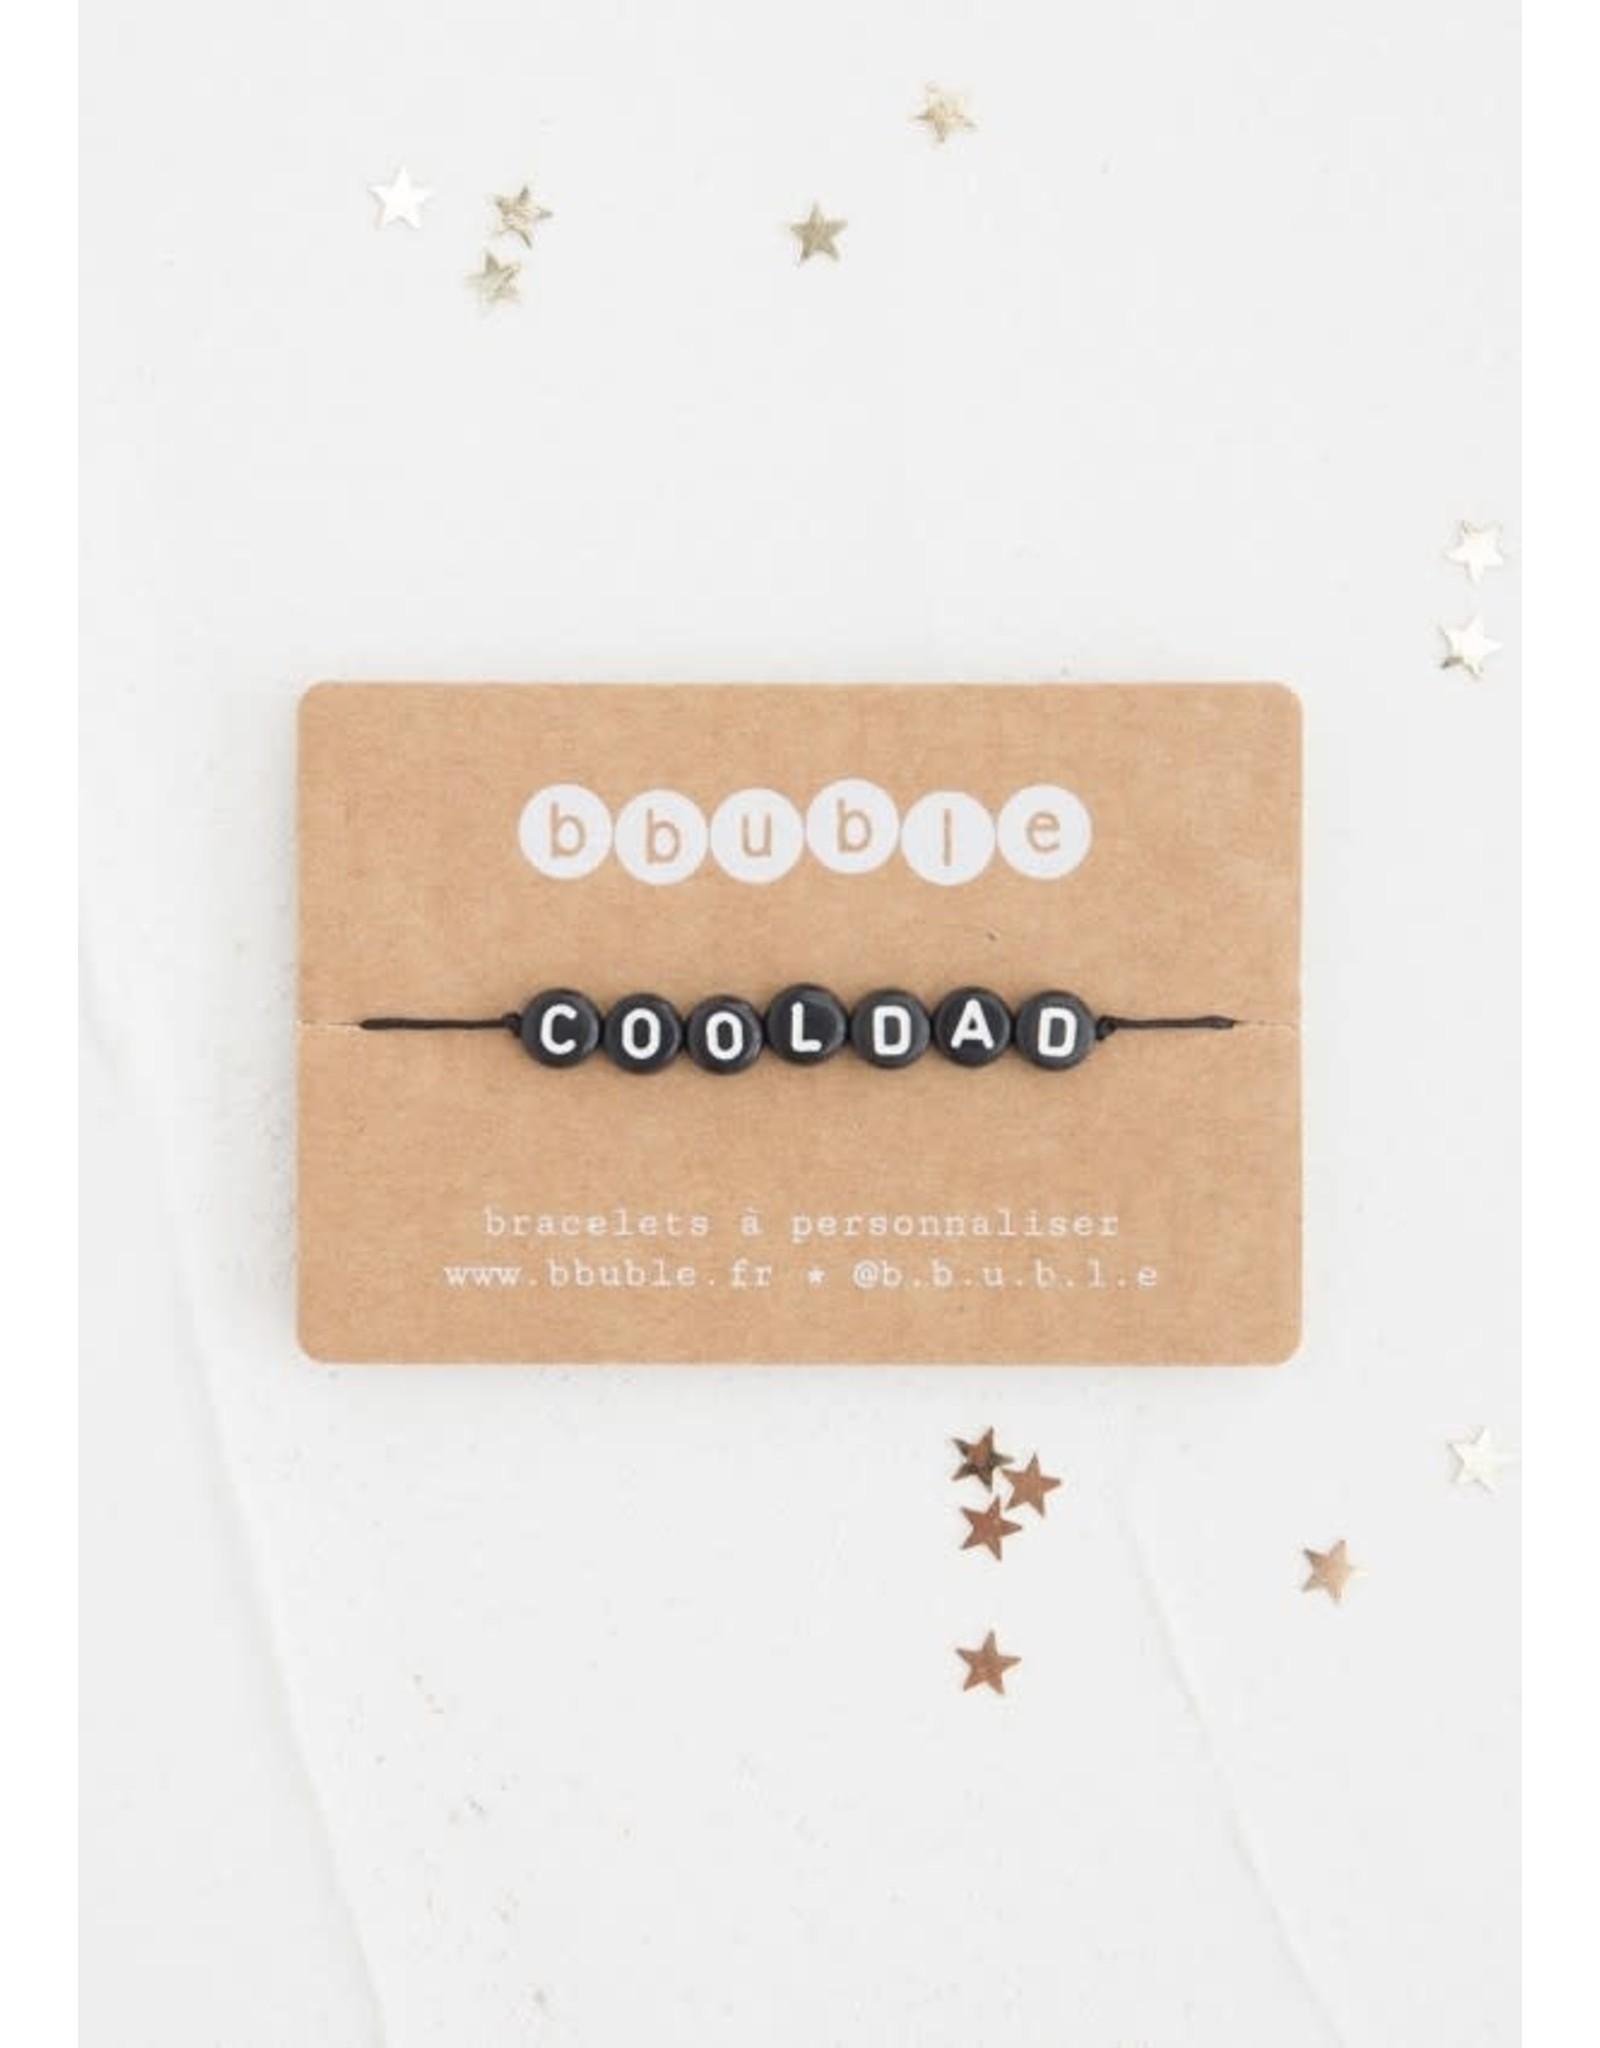 Bbubble Bracelet / noir / Cooldad